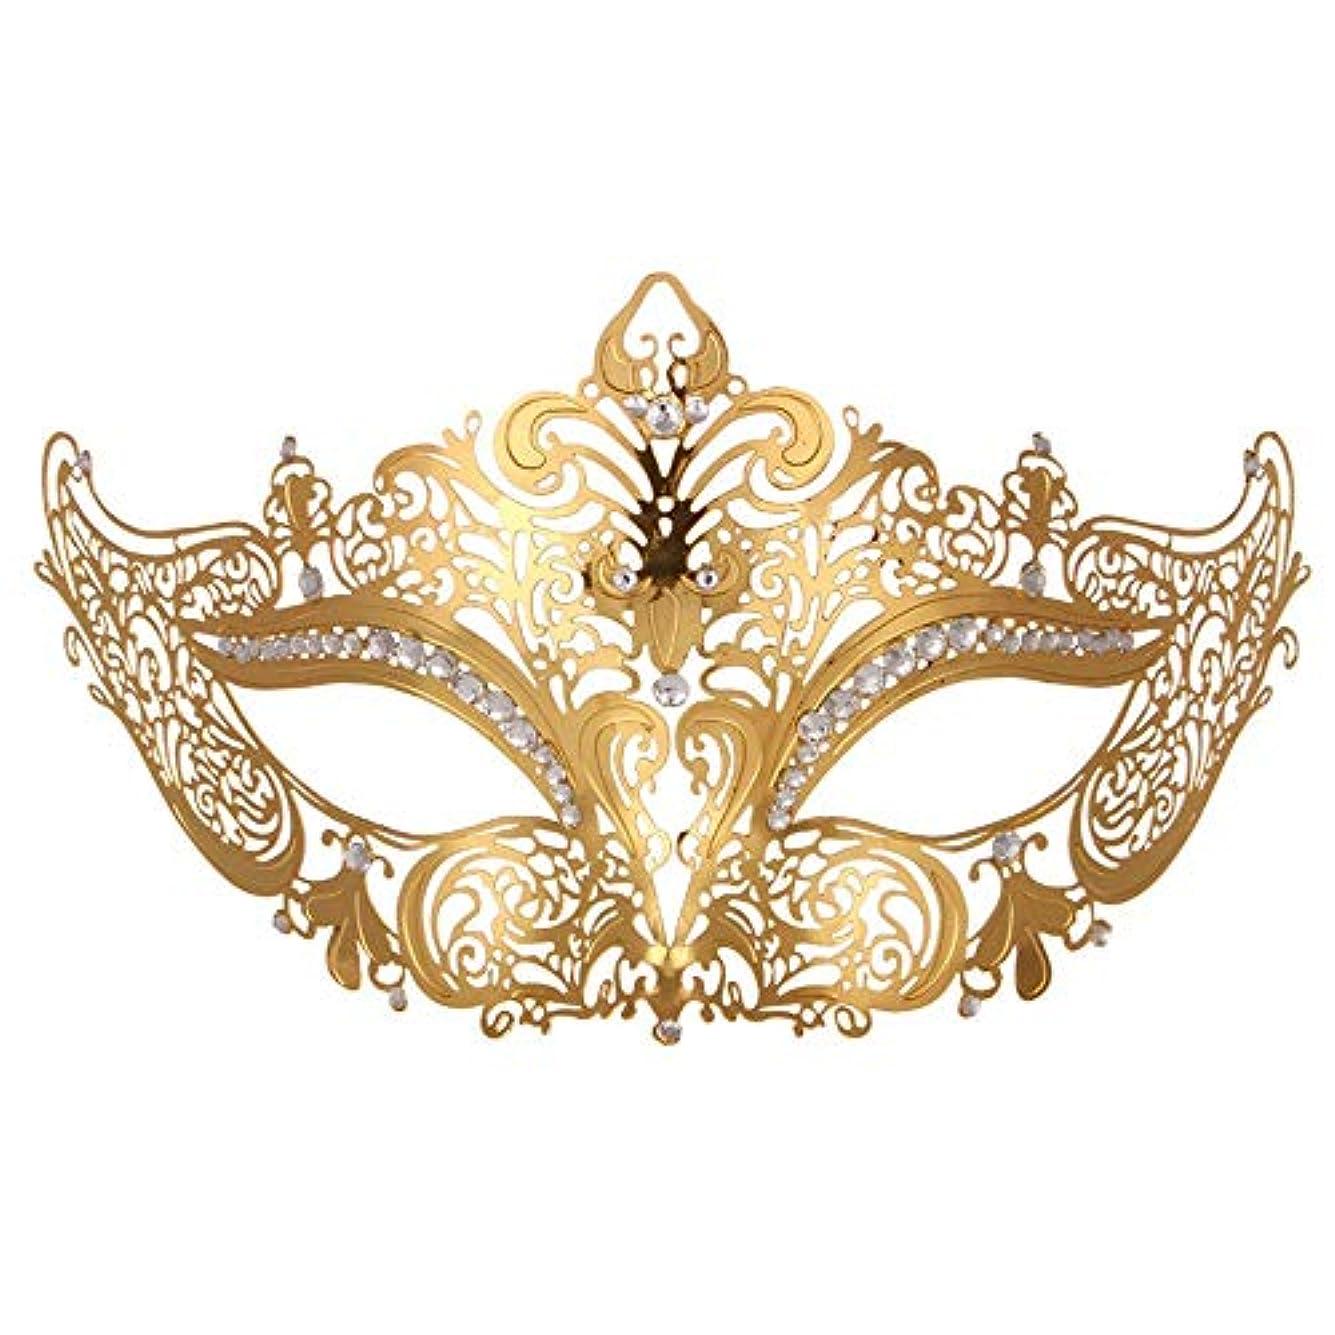 不利途方もない戦艦ダンスマスク 高級金メッキ銀マスク仮装小道具ロールプレイングナイトクラブパーティーマスク ホリデーパーティー用品 (色 : ゴールド, サイズ : Universal)